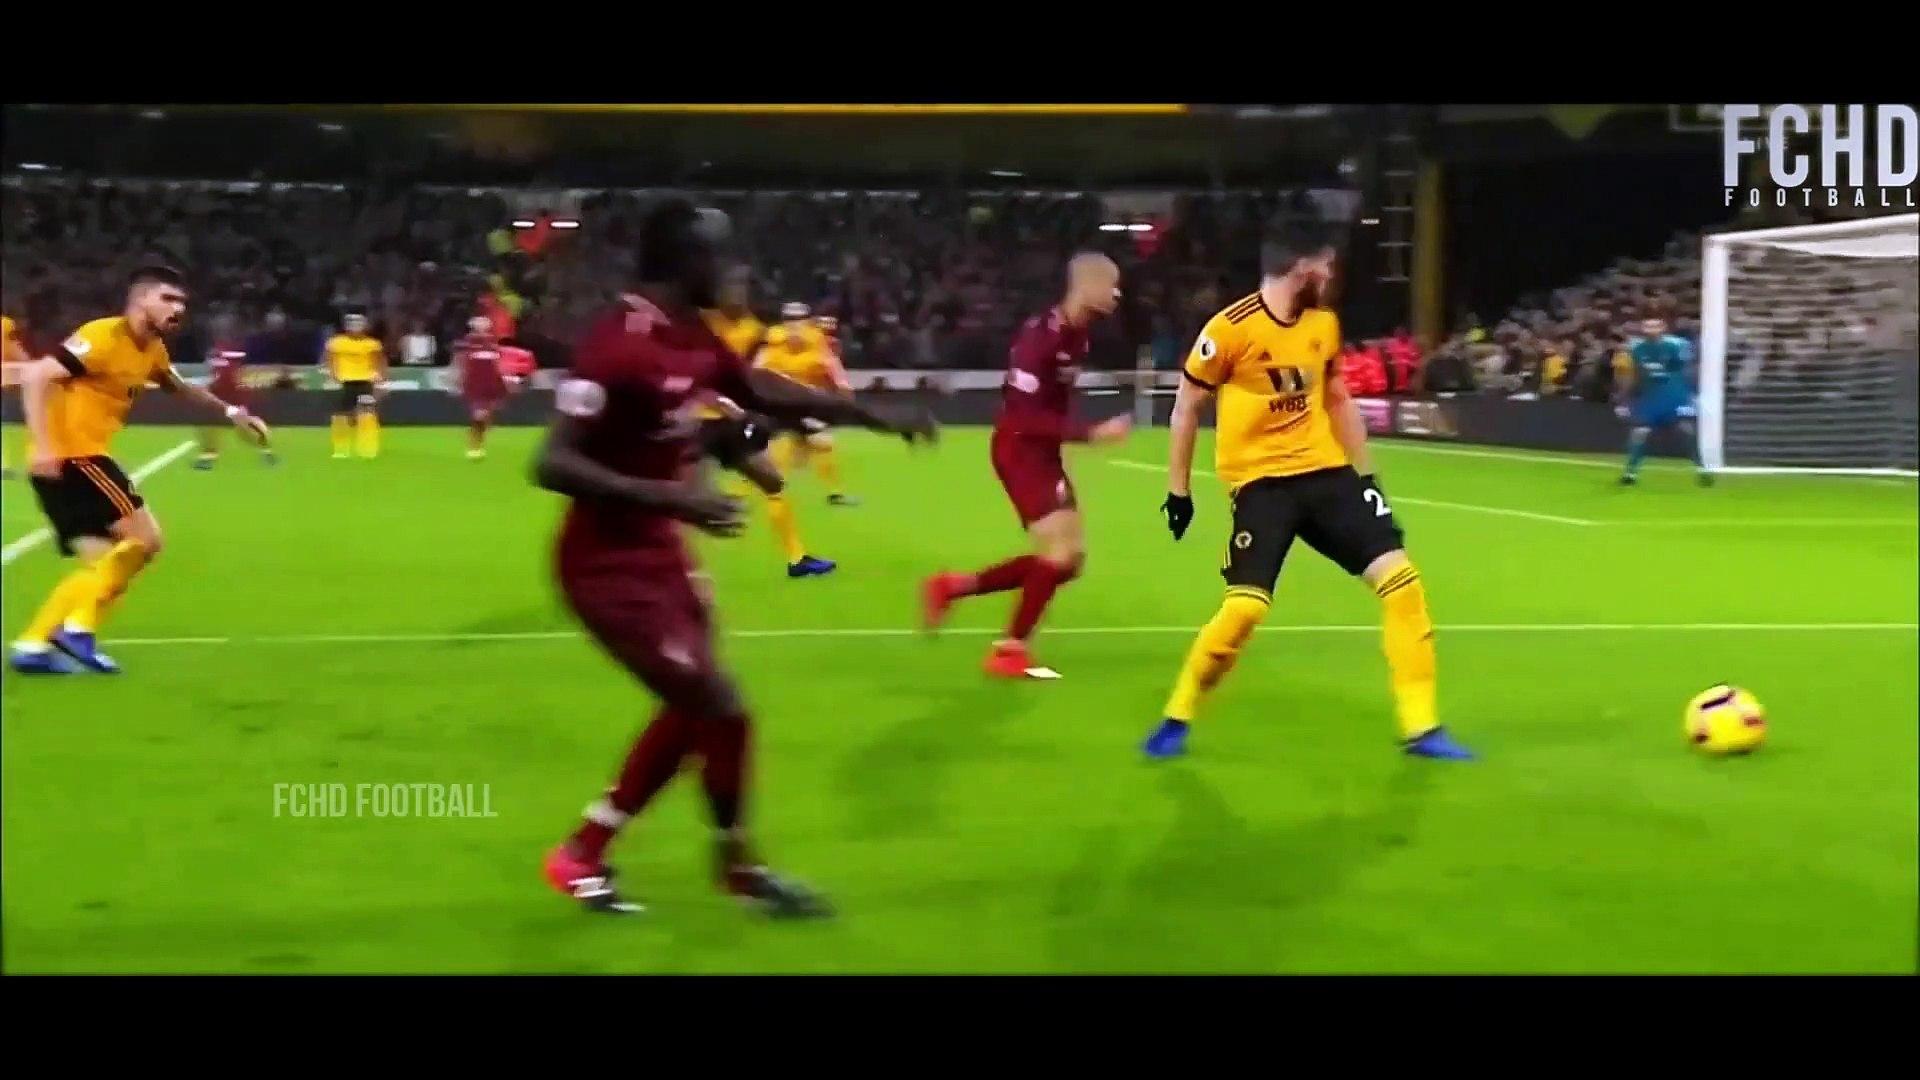 Liverpool Beautiful Football & Goals  Insane Team Goals & Passing Under Klopp 2018 19